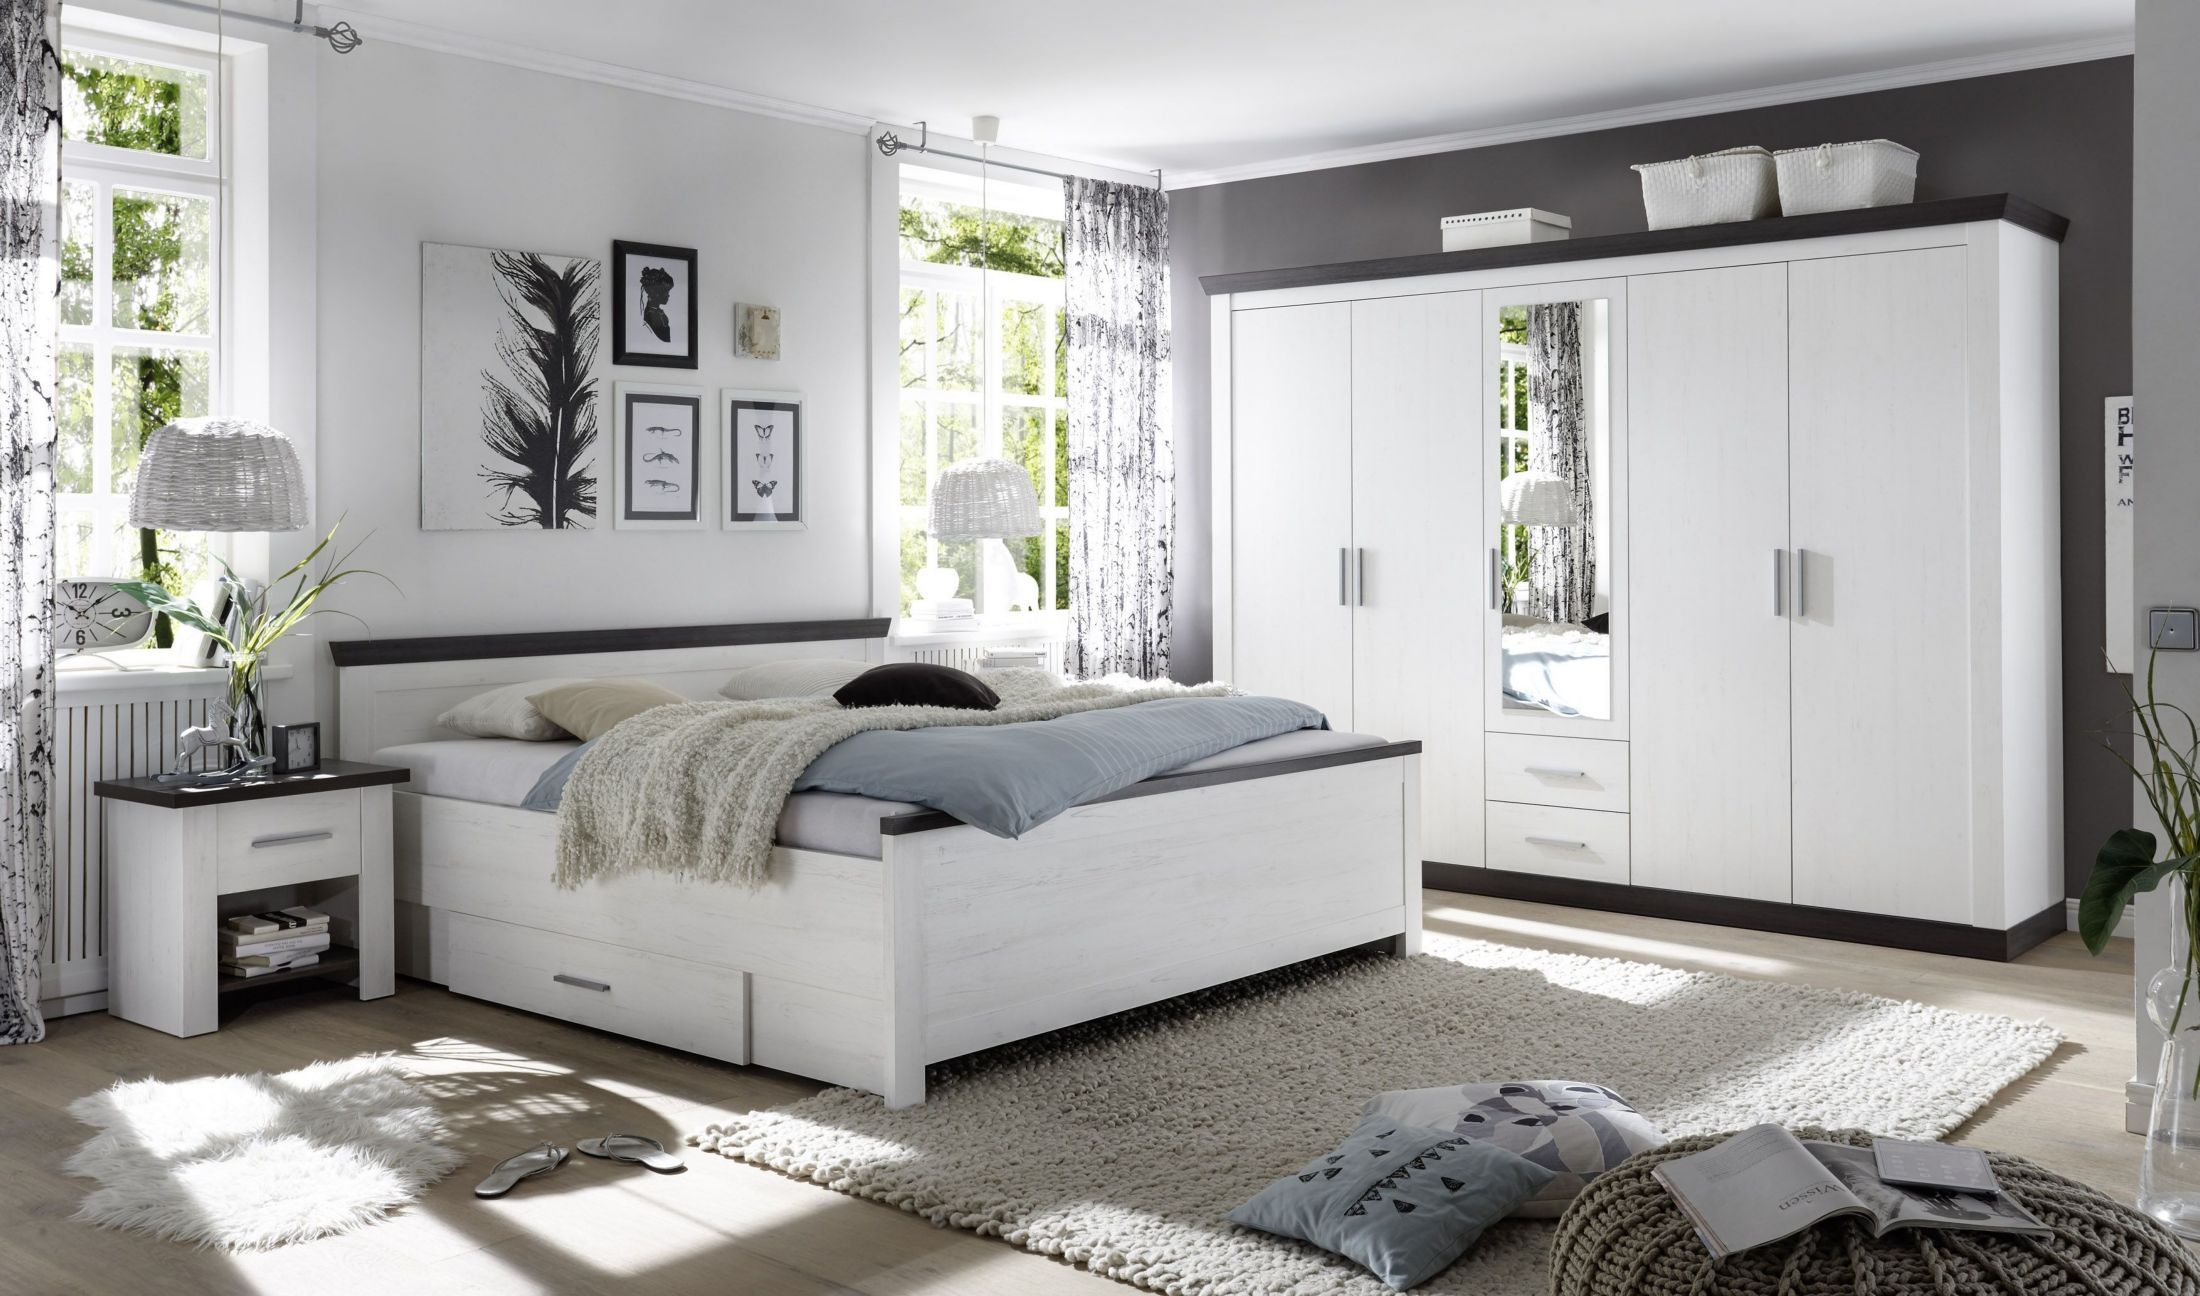 Schlafzimmerschrank pinie ~ Schlafzimmer mit bett 180x200 cm pinie weiss woody 16 00693 holz